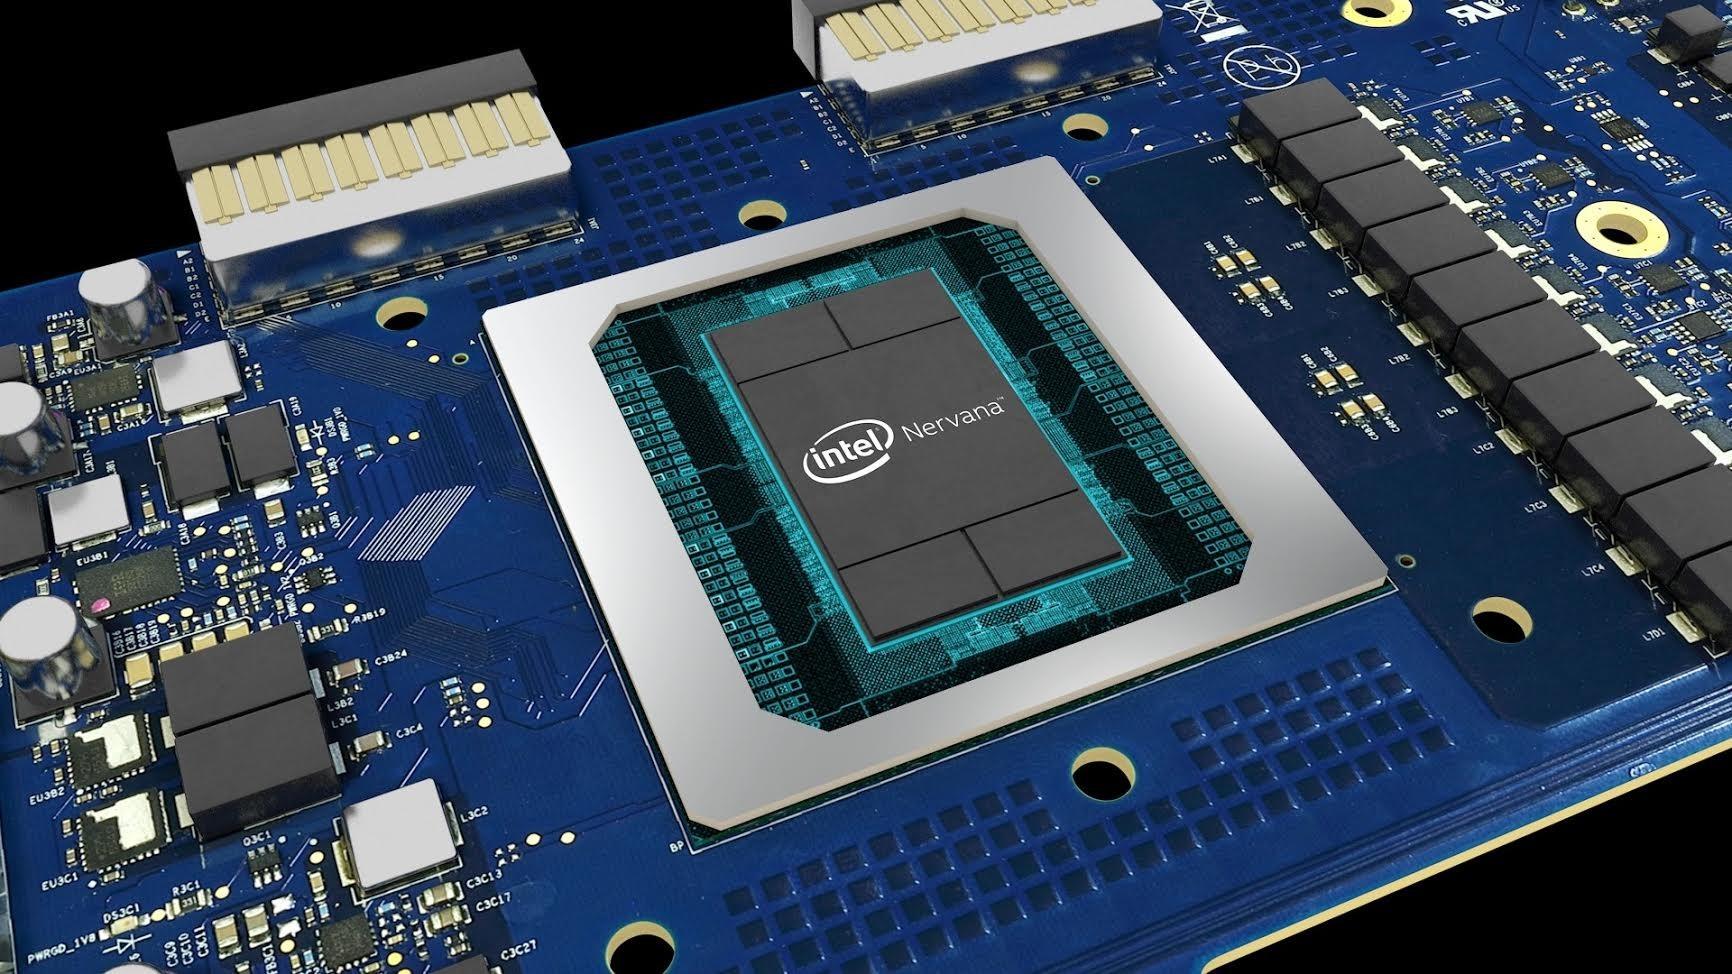 是Intel 宣布推出首款針對類神經網路的 Nervana 處理器,強調與 Facebook 緊密合作並於今年底出貨這篇文章的首圖